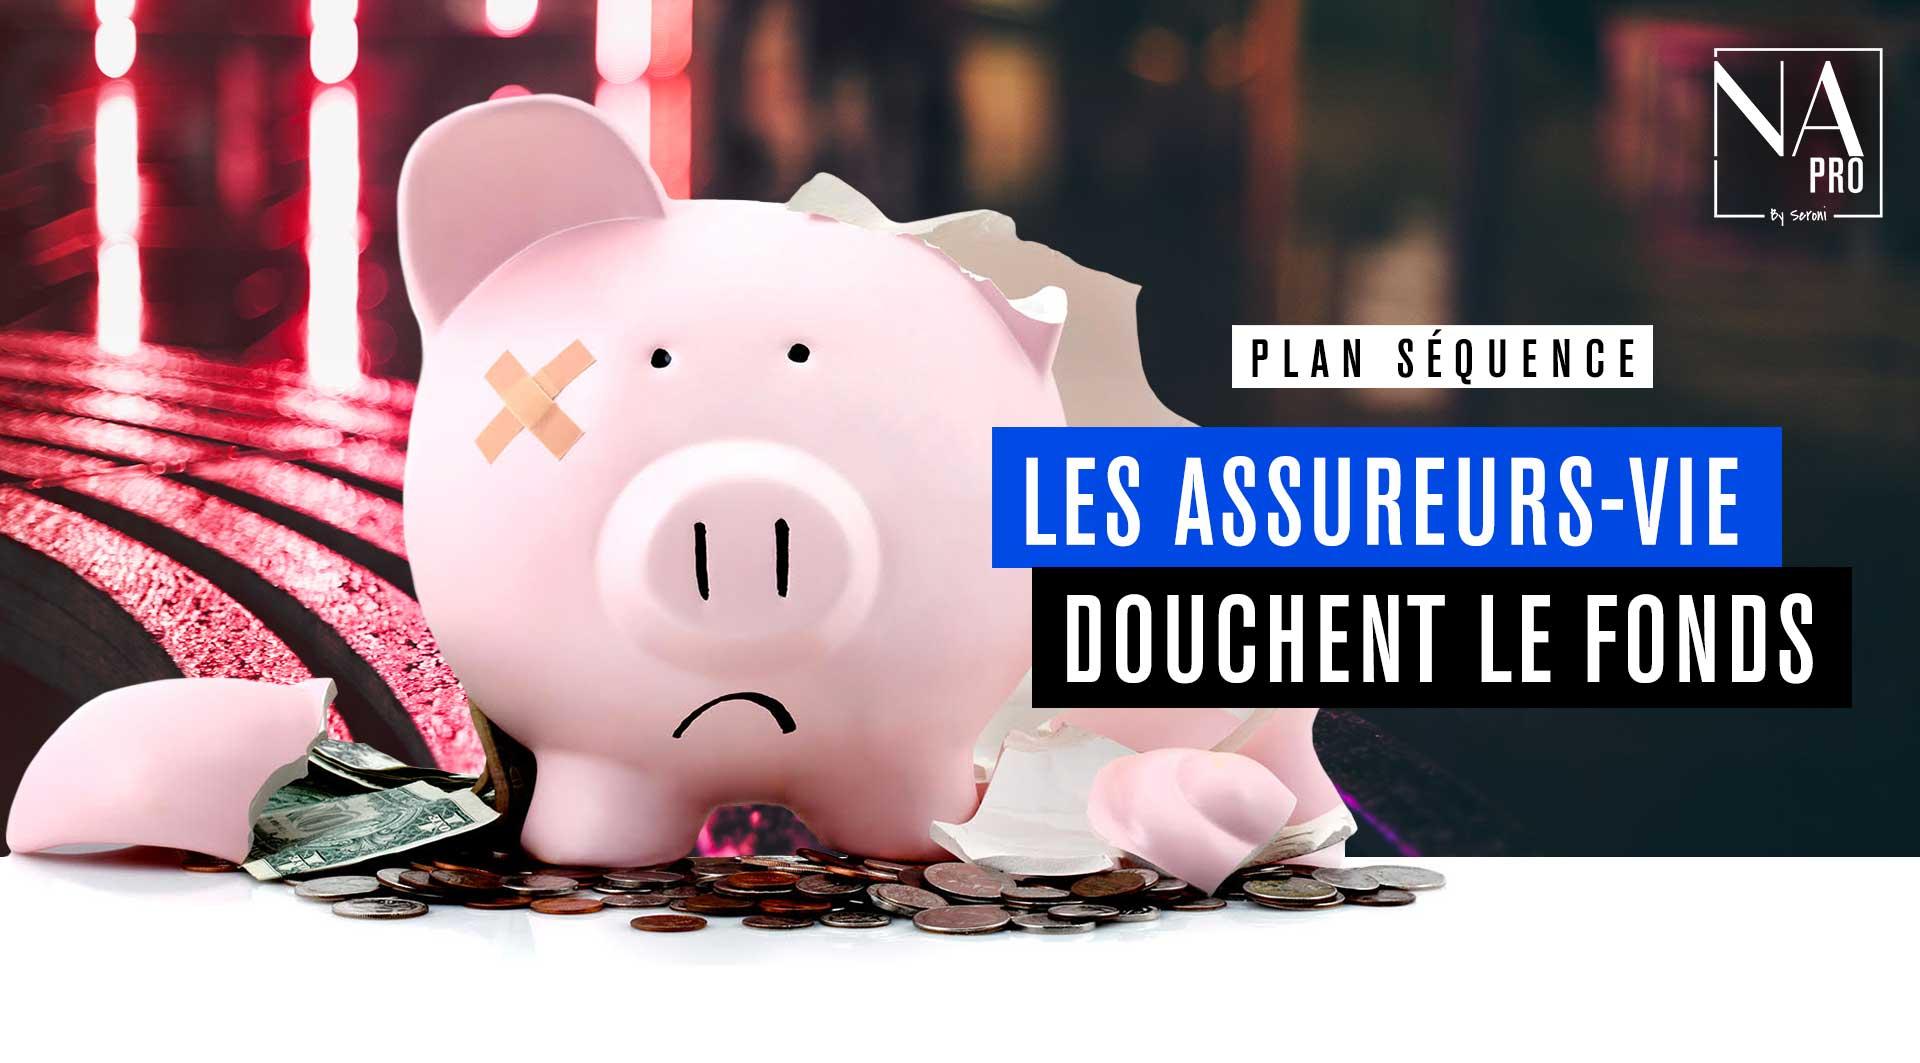 Plan séquence - Les assureurs-vie douchent le fonds